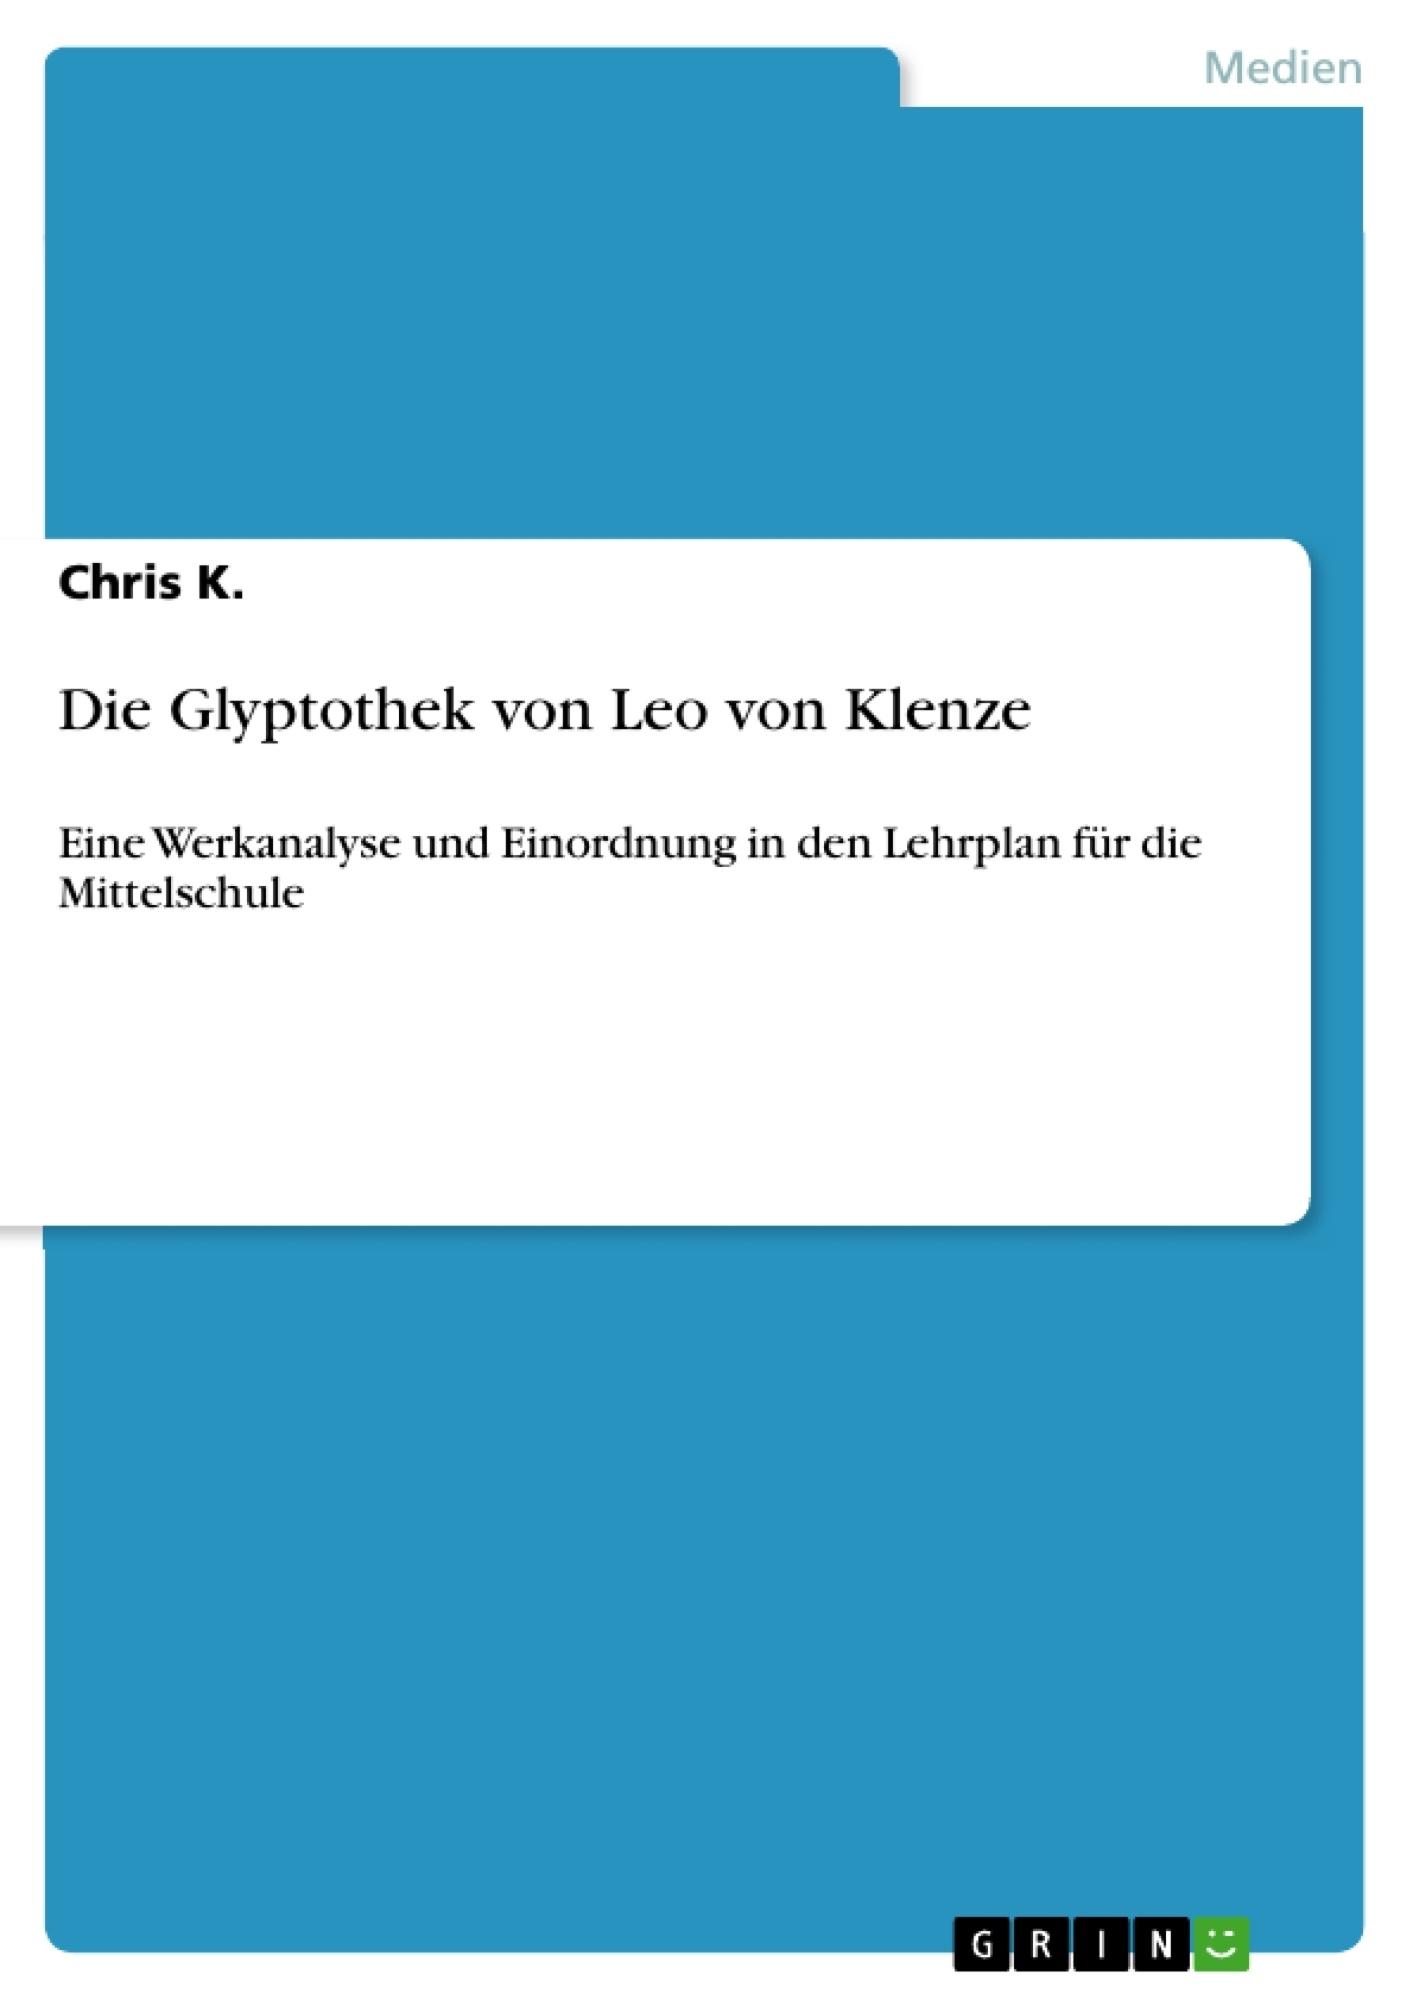 Titel: Die Glyptothek von Leo von Klenze